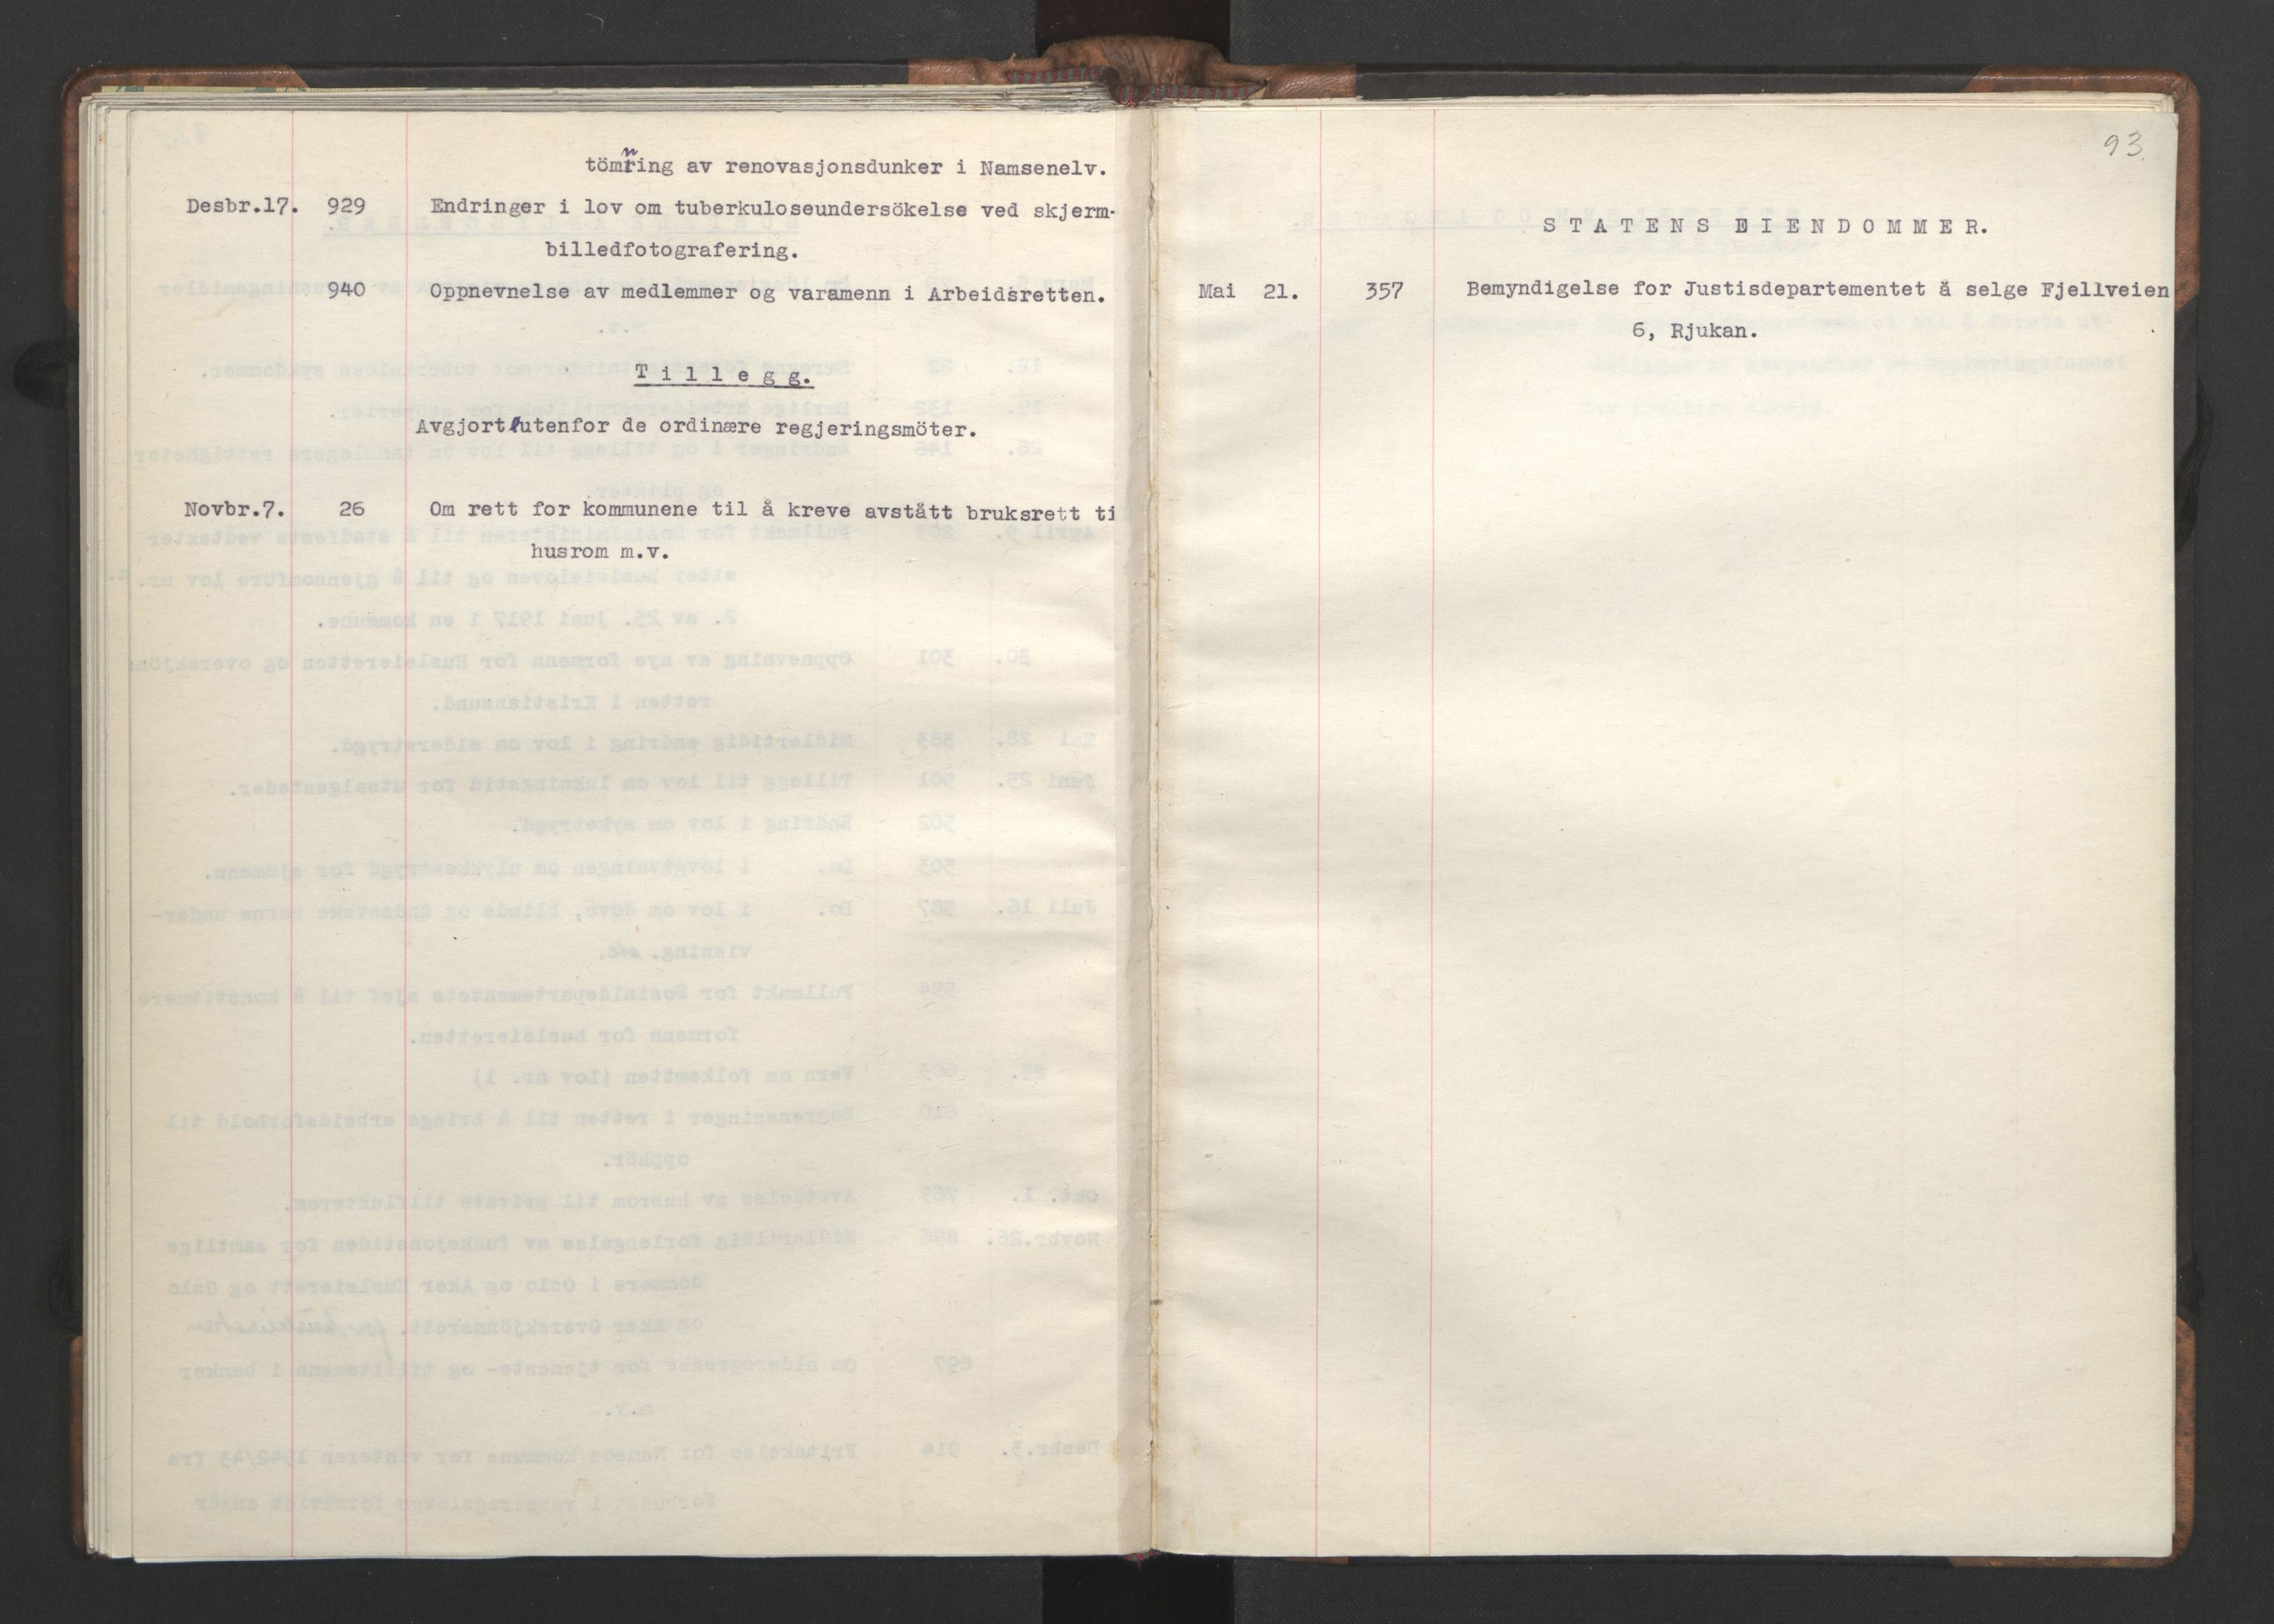 RA, NS-administrasjonen 1940-1945 (Statsrådsekretariatet, de kommisariske statsråder mm), D/Da/L0002: Register (RA j.nr. 985/1943, tilgangsnr. 17/1943), 1942, s. 92b-93a